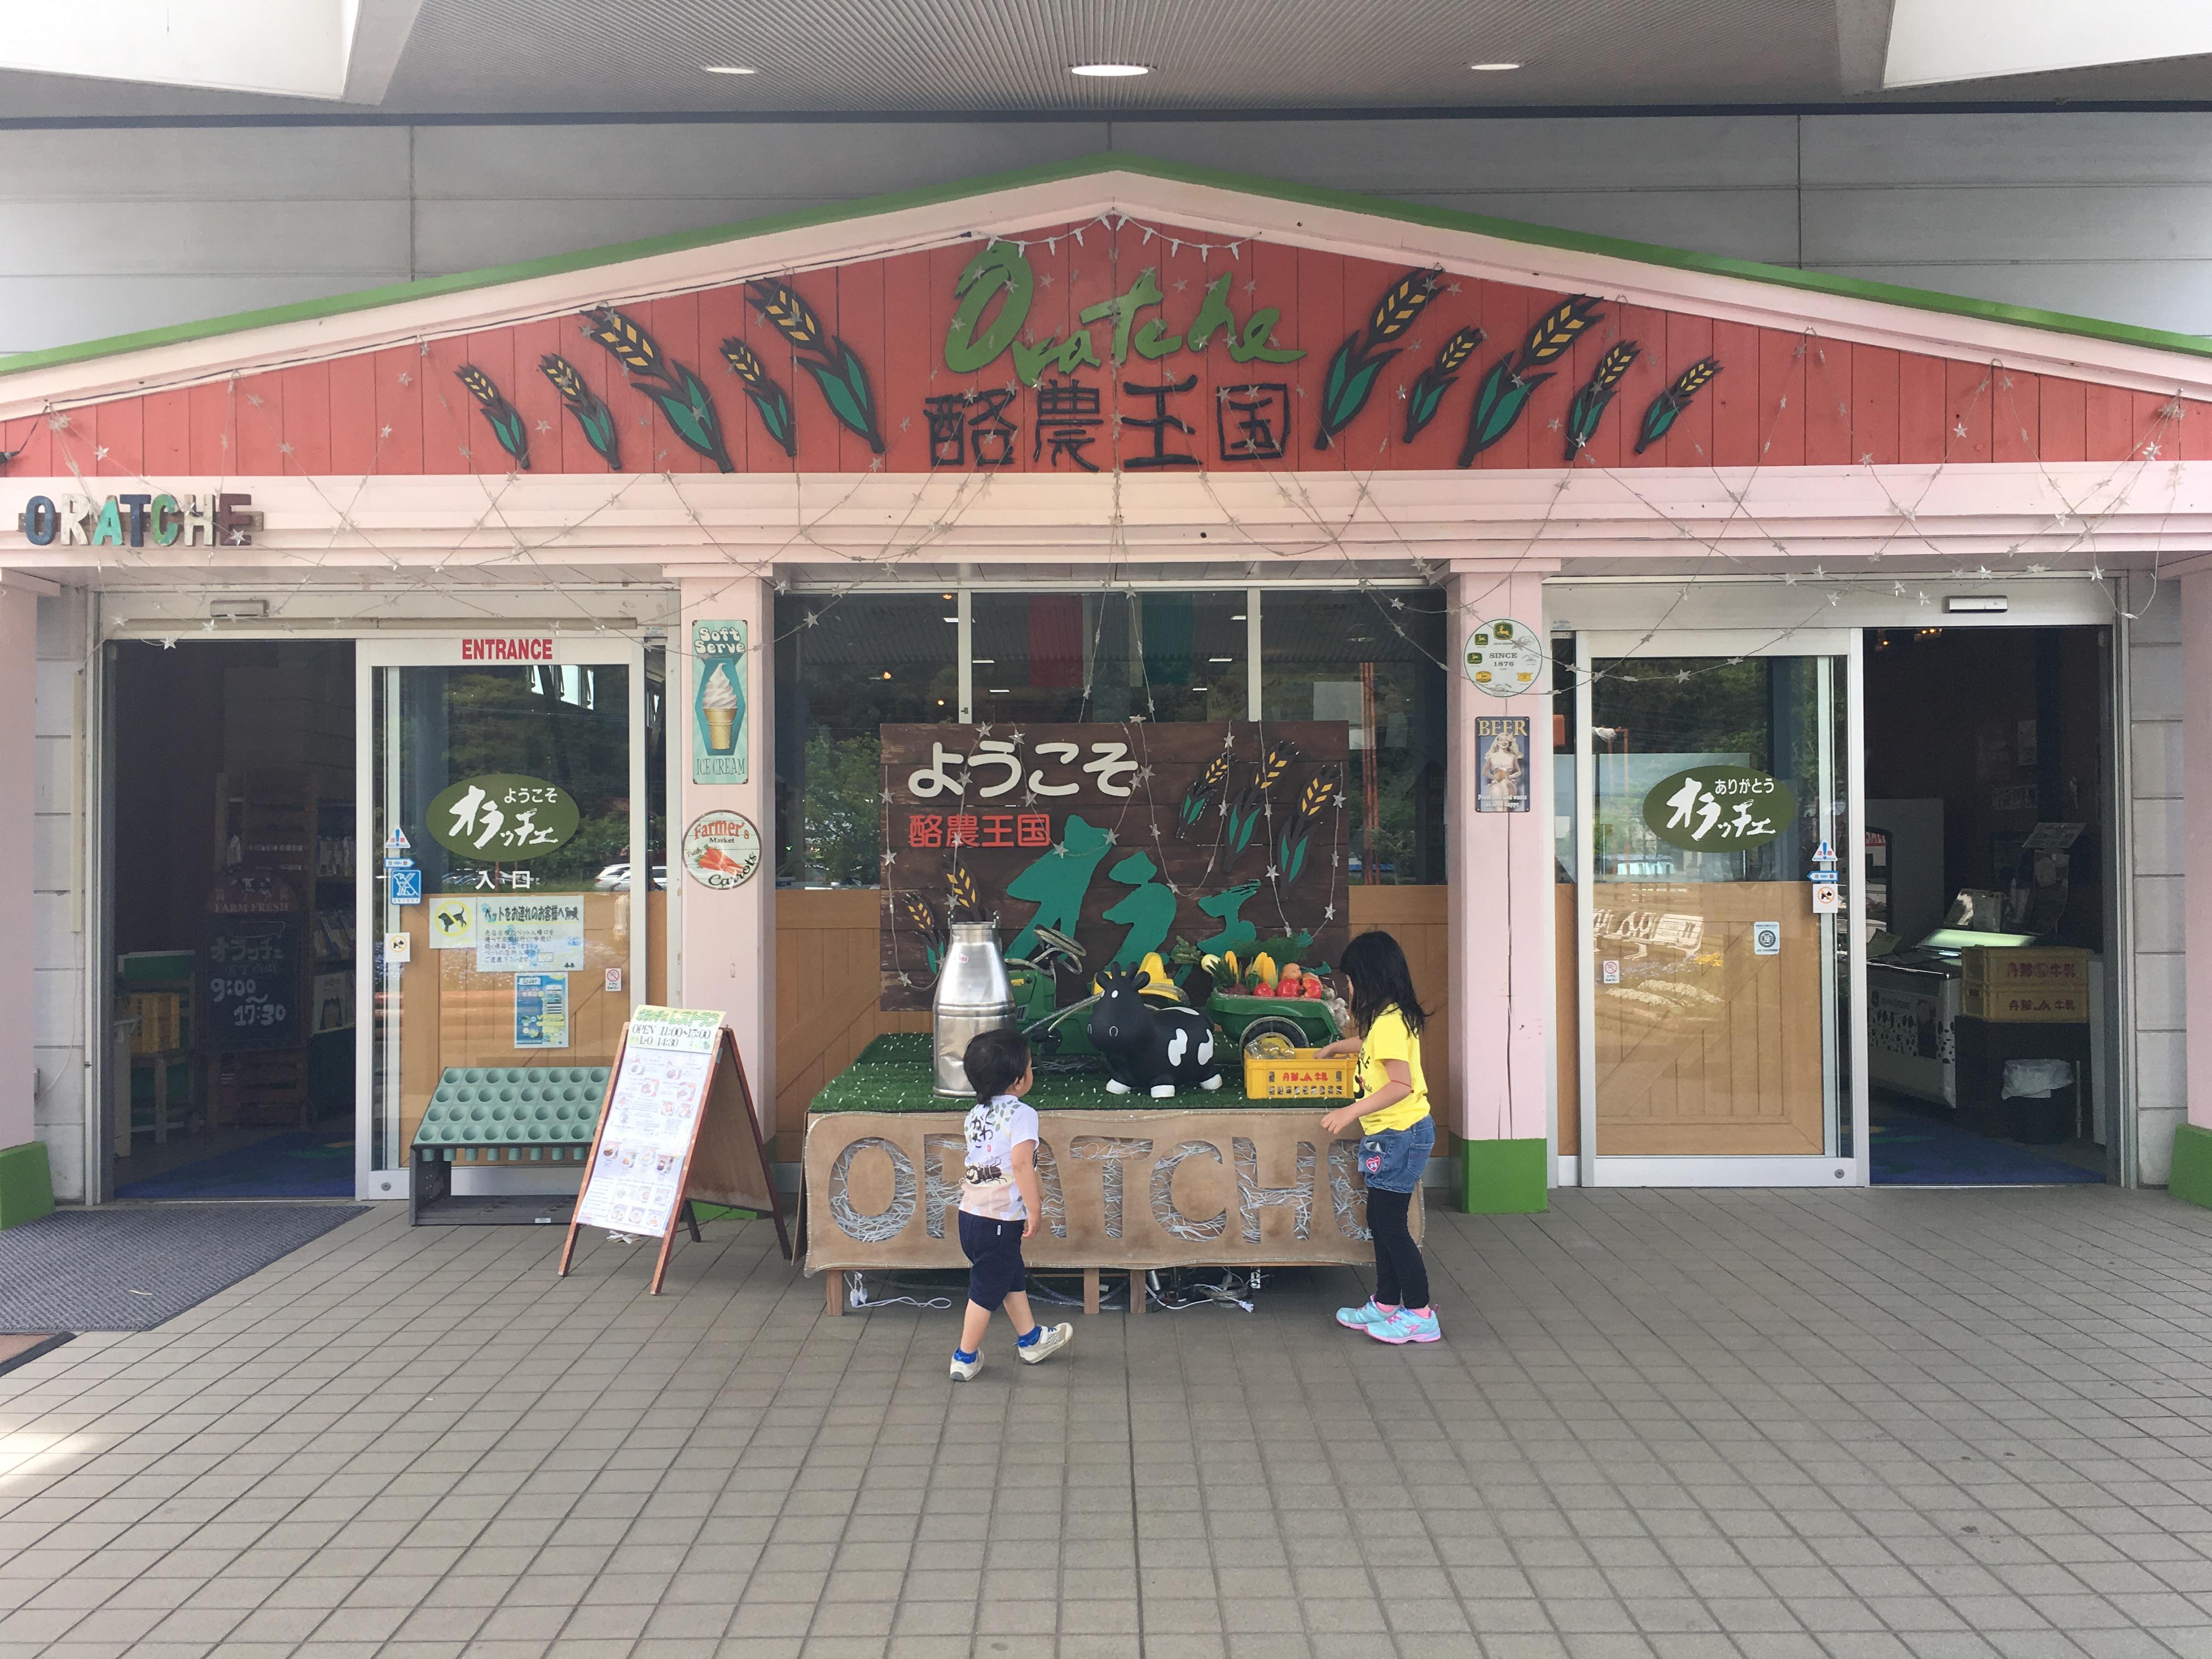 [静岡]「酪農王国 オラッチェ」で子どもたちと牛の乳搾りや動物との触れ合いをしてきました!